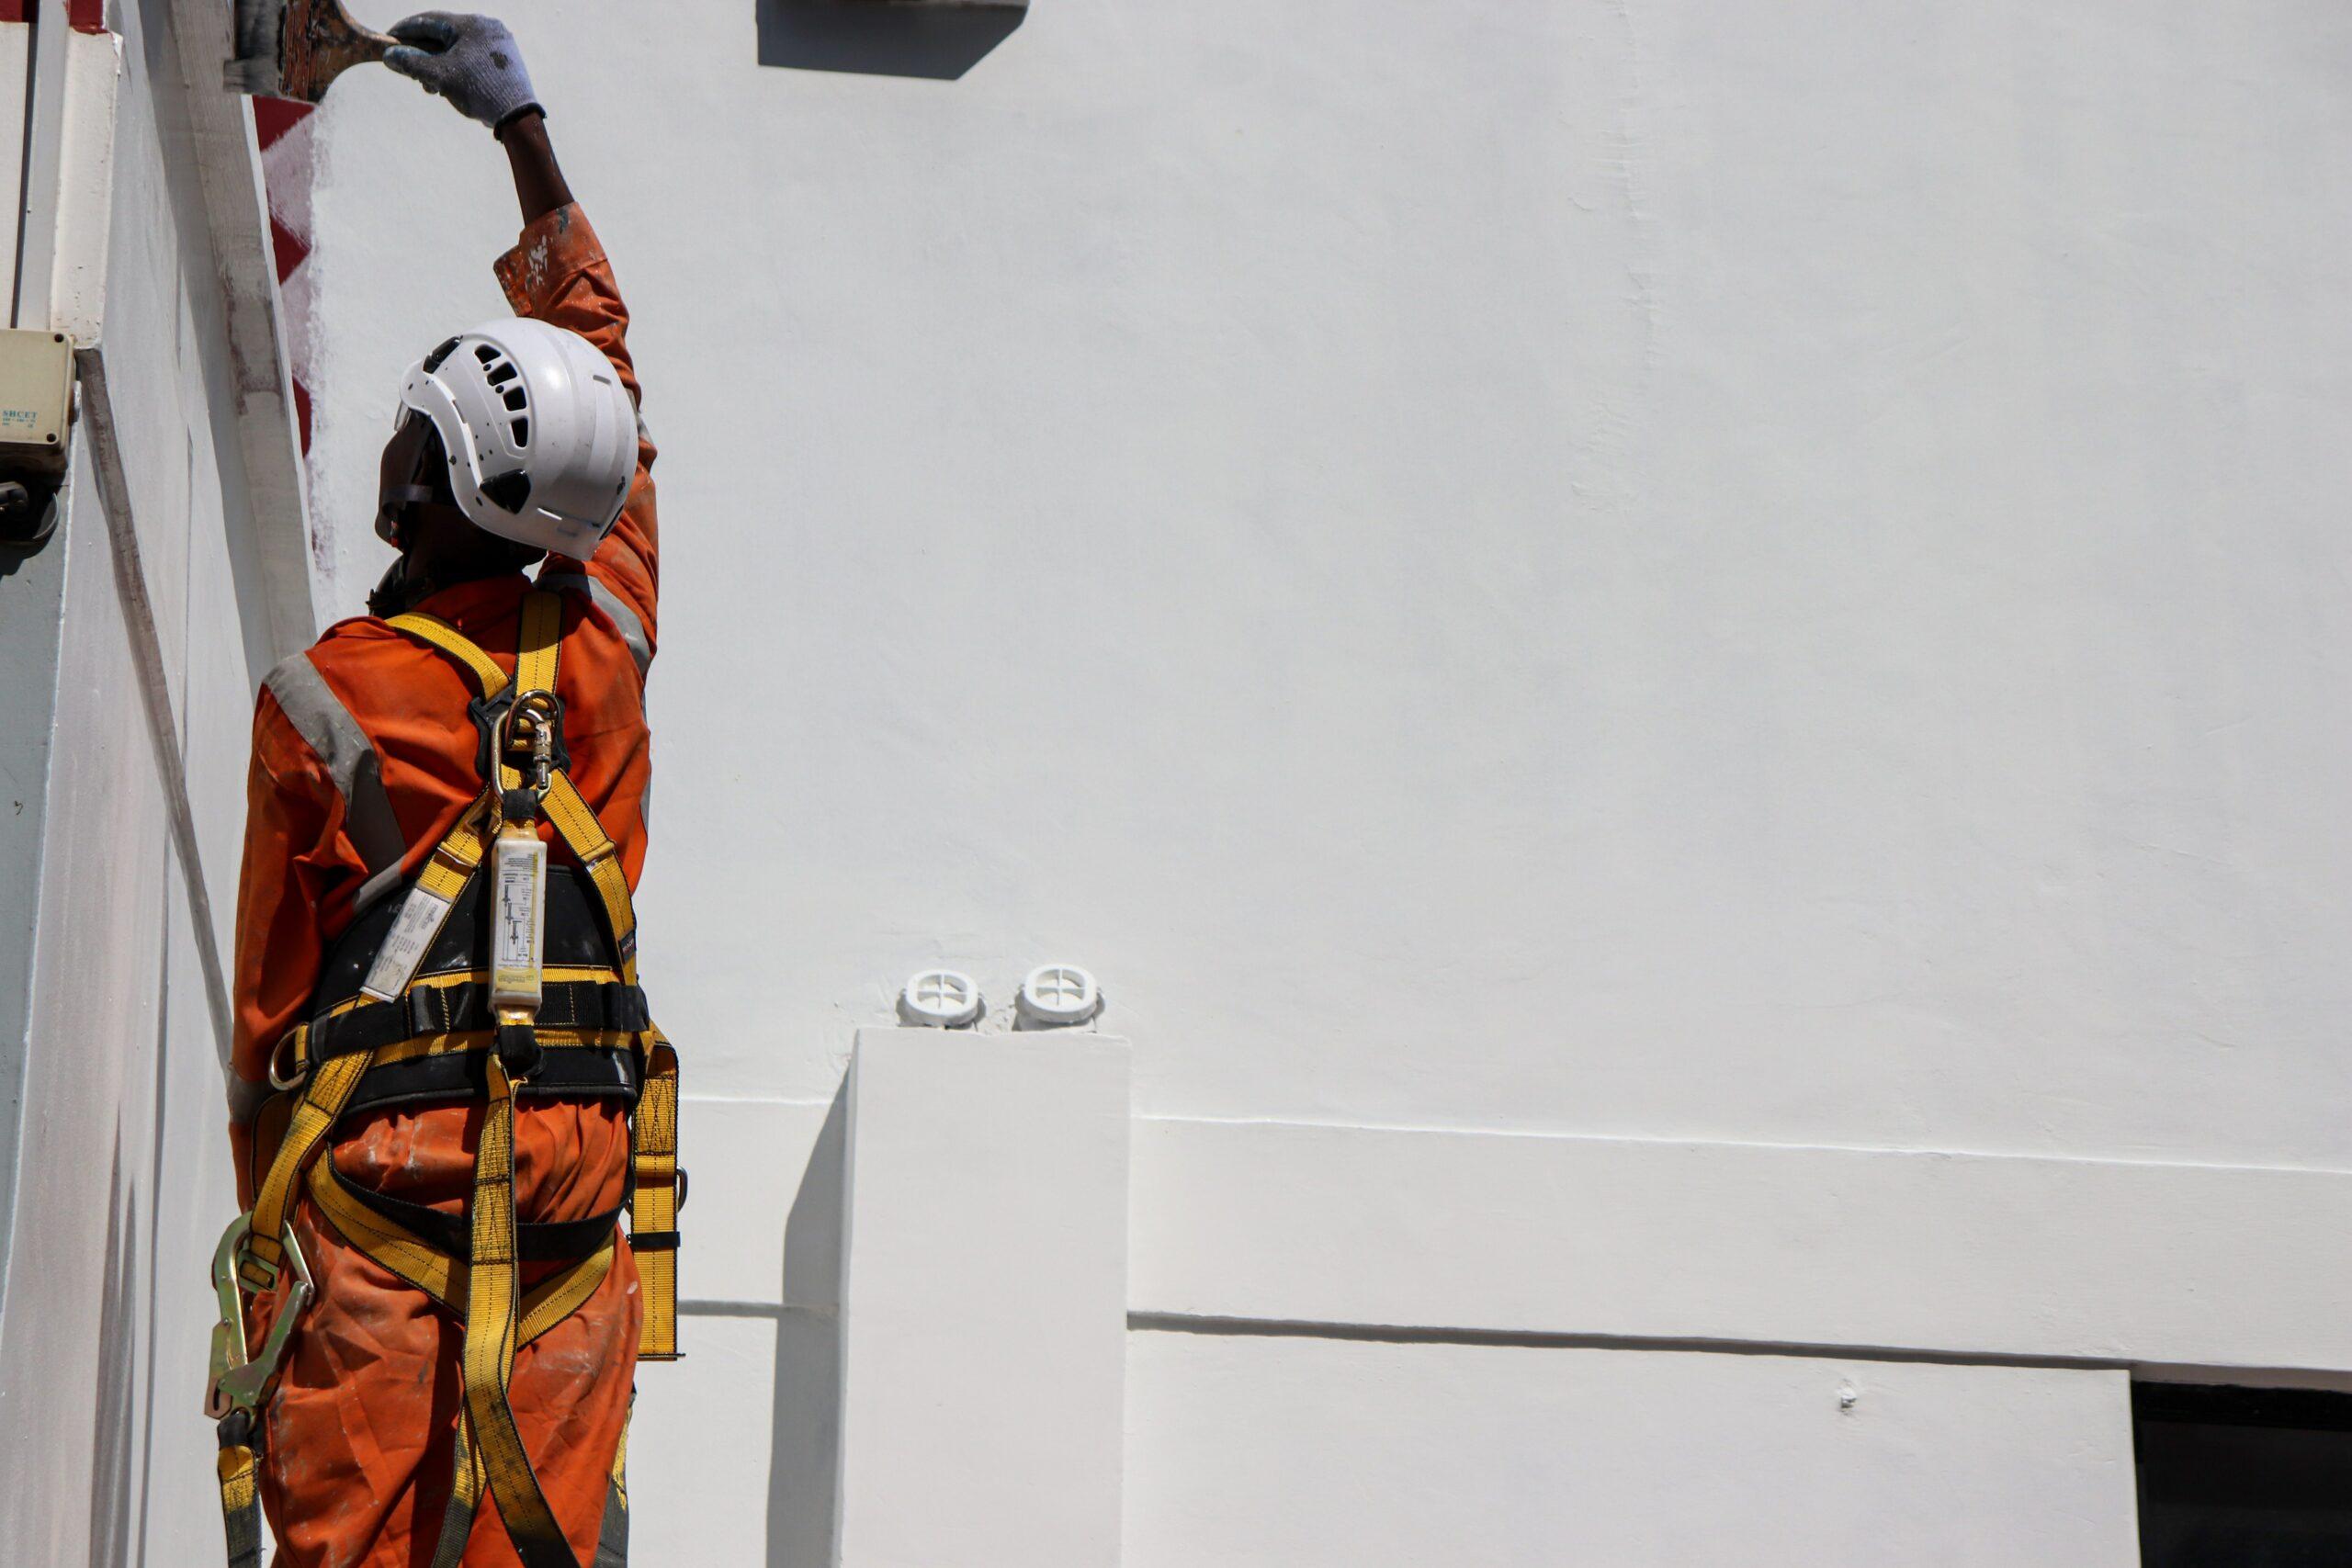 Hombre trabajando con arnés para evitar accidentes laborales